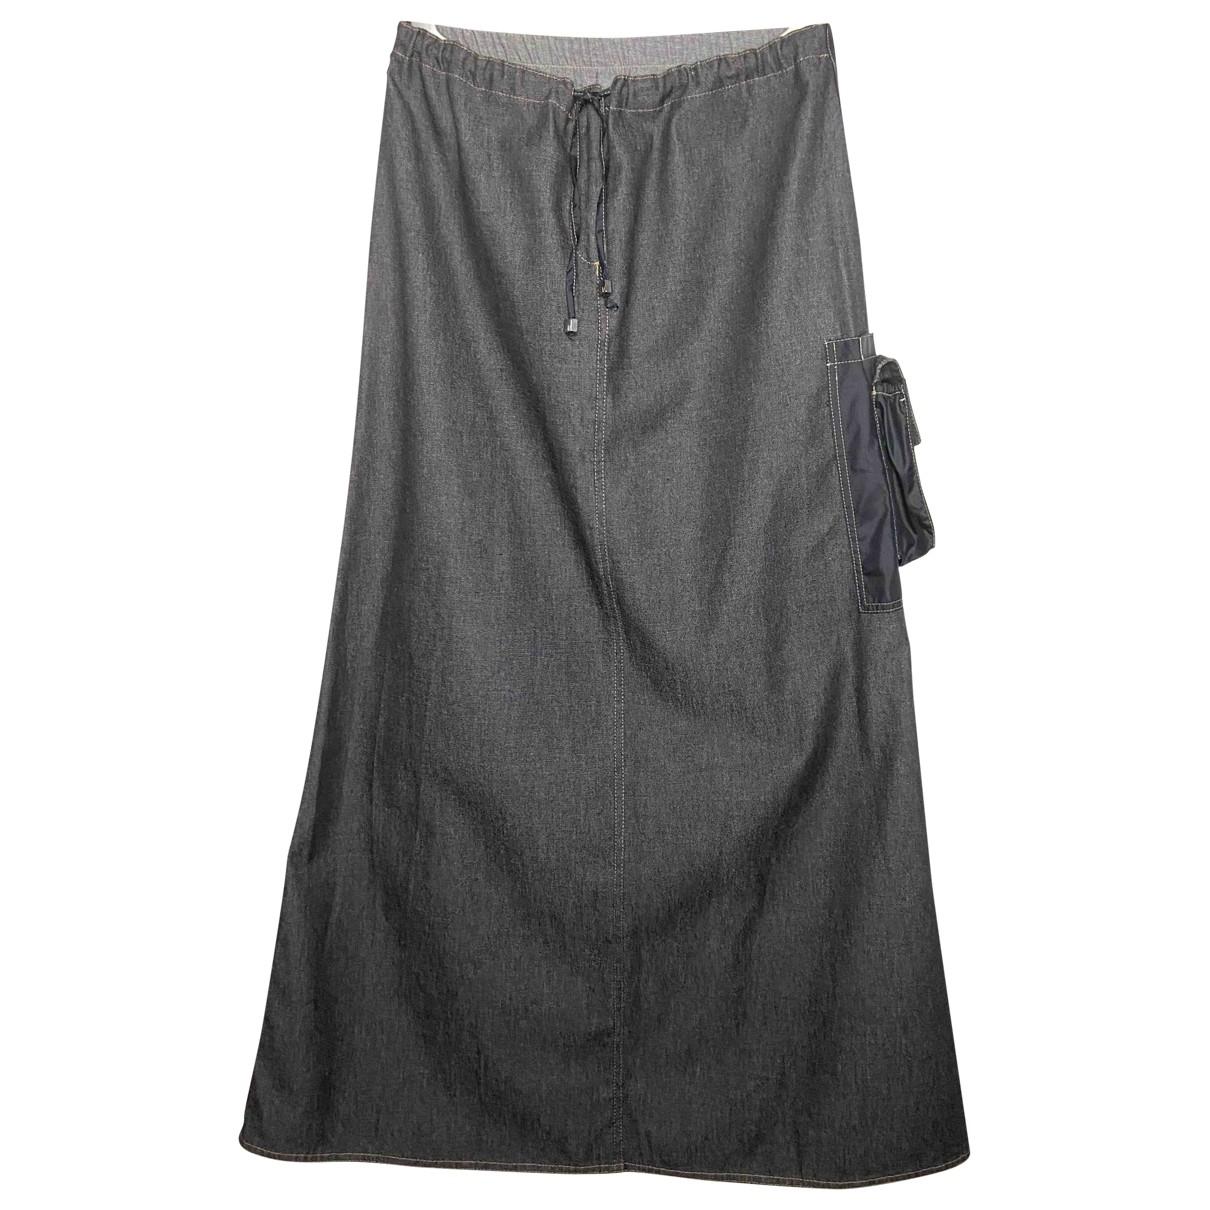 Fendi \N Anthracite Denim - Jeans skirt for Women M International